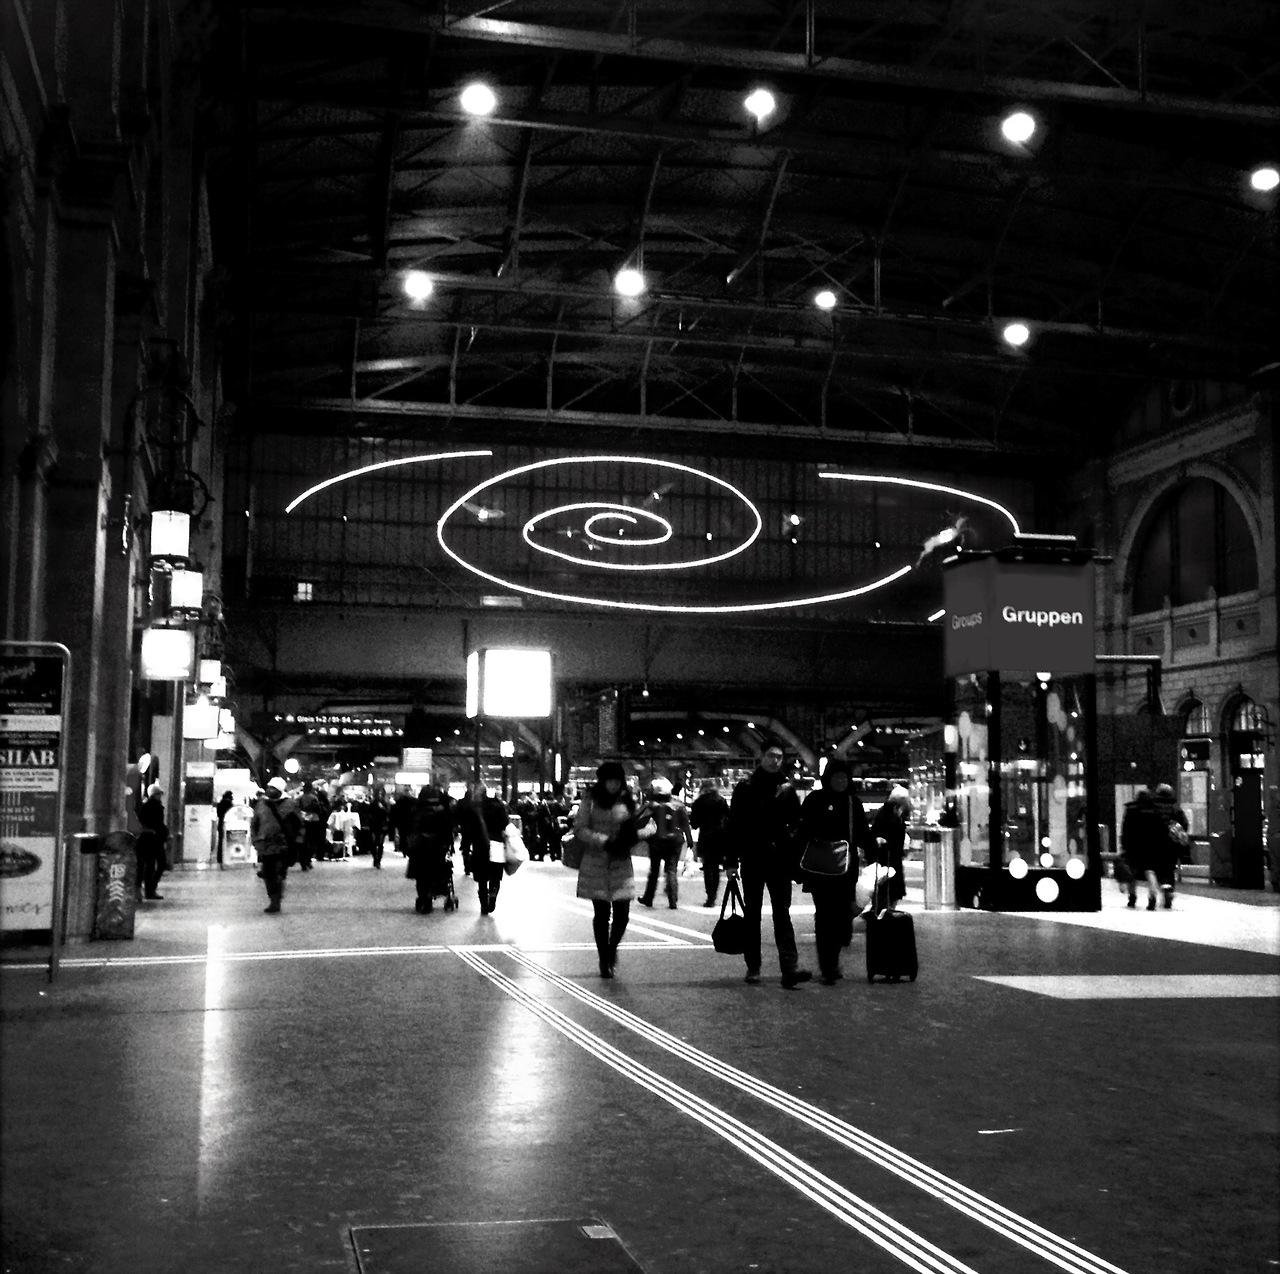 Schöne schwarz / weiss Aufnahme von unserm Hauptbahnhof. Danke victoryfunk für das Bild